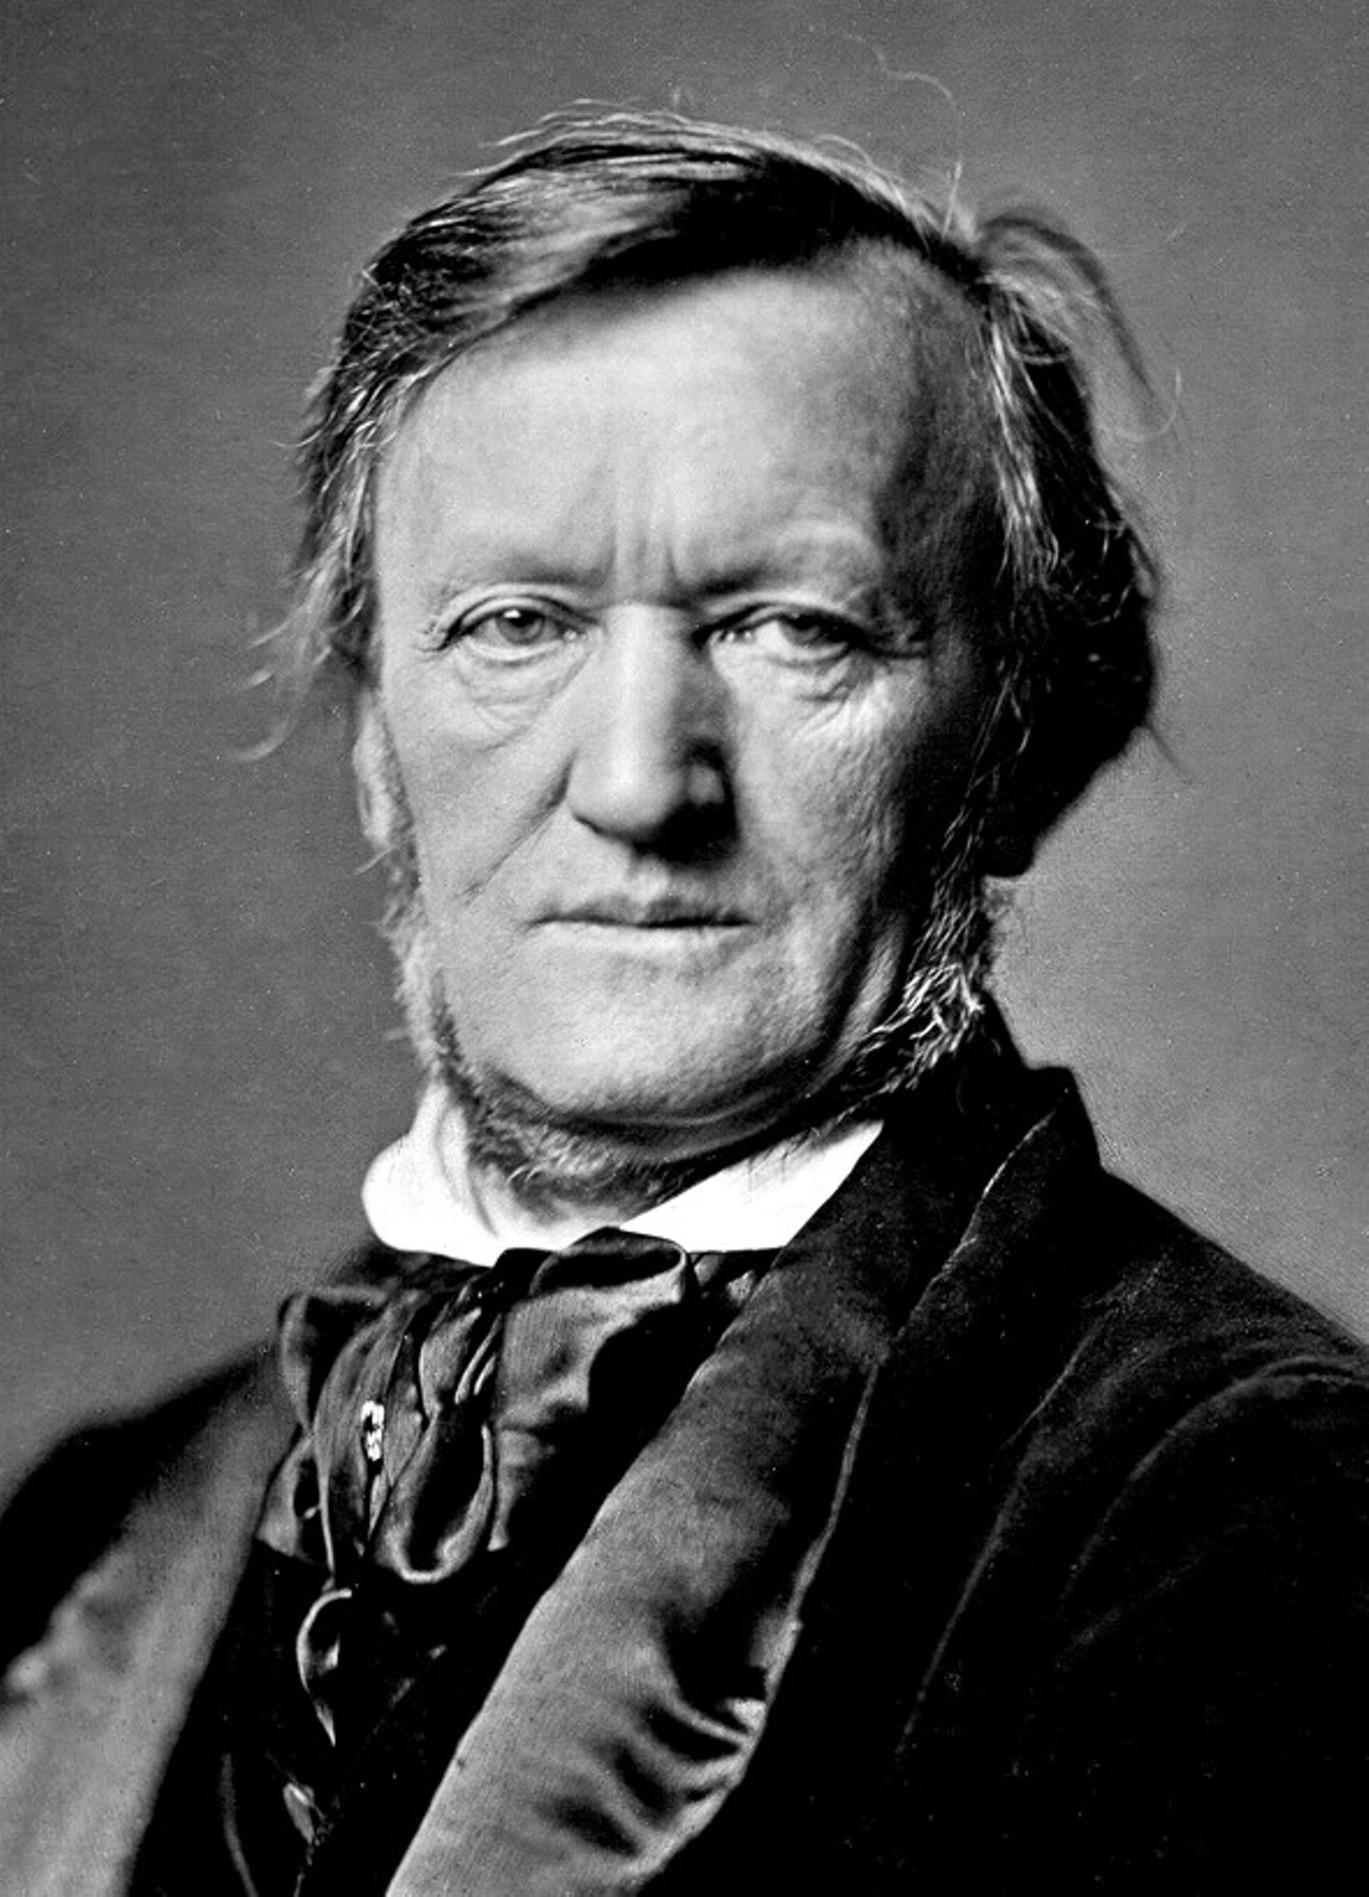 Depiction of Richard Wagner